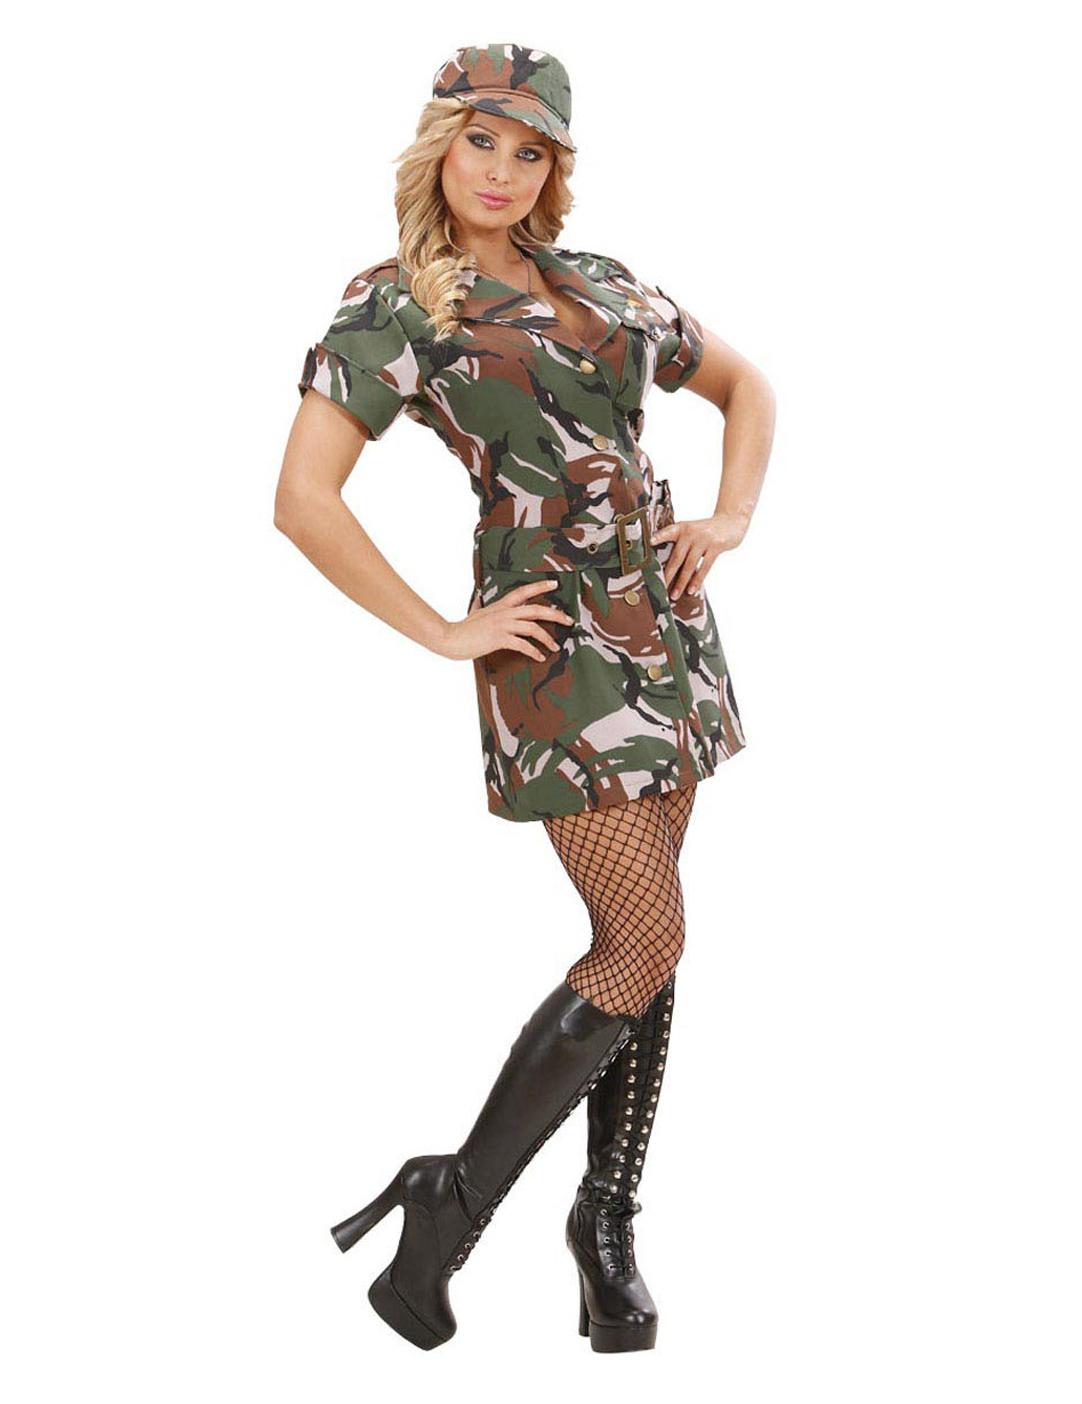 Filles militaires uniformes photos de sexe